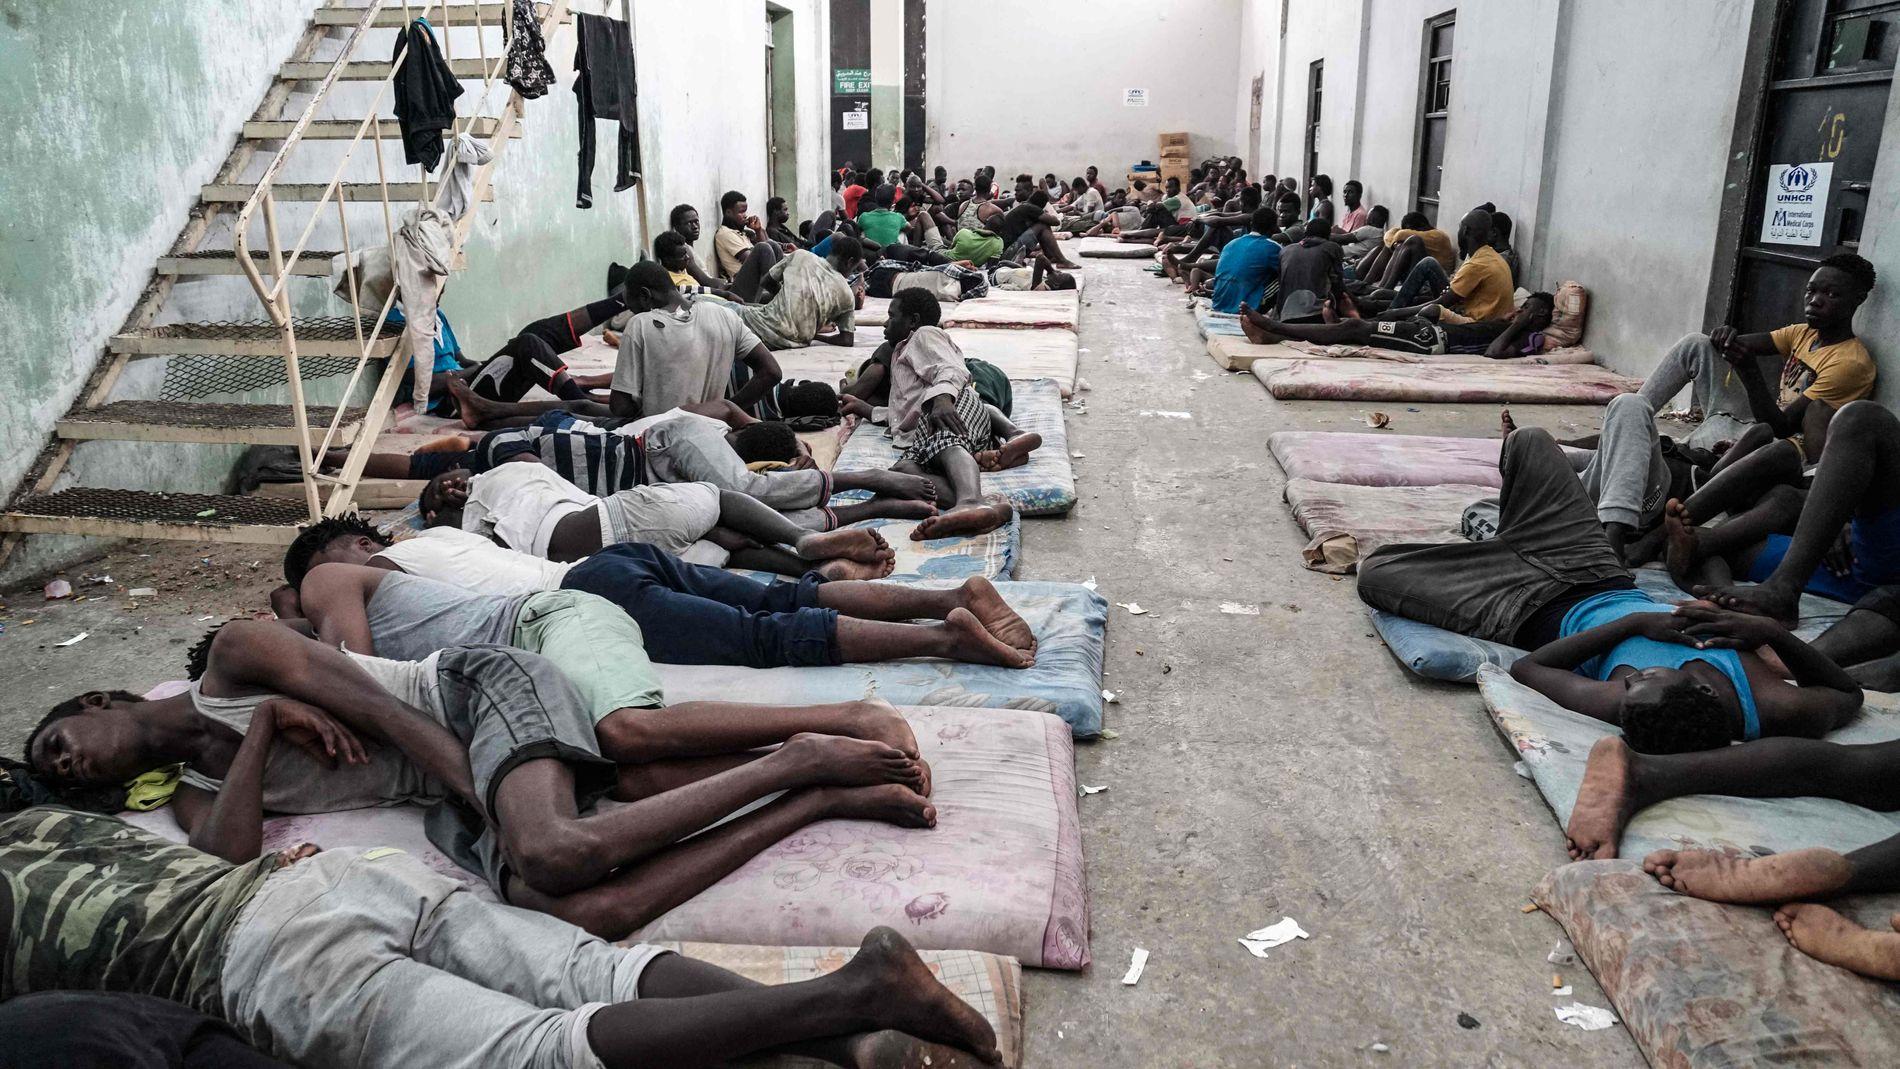 I ZAWIYAH: Flyktninger og migranter som vilkårlig blir innsatt i interneringsleirer i Libya, blir utsatt for tortur og mishandling, varsler Amnesty i en ny rapport. Dette bildet er tatt i en leir i Zawiyah, fire mil vest for hovedstaden Tripoli.